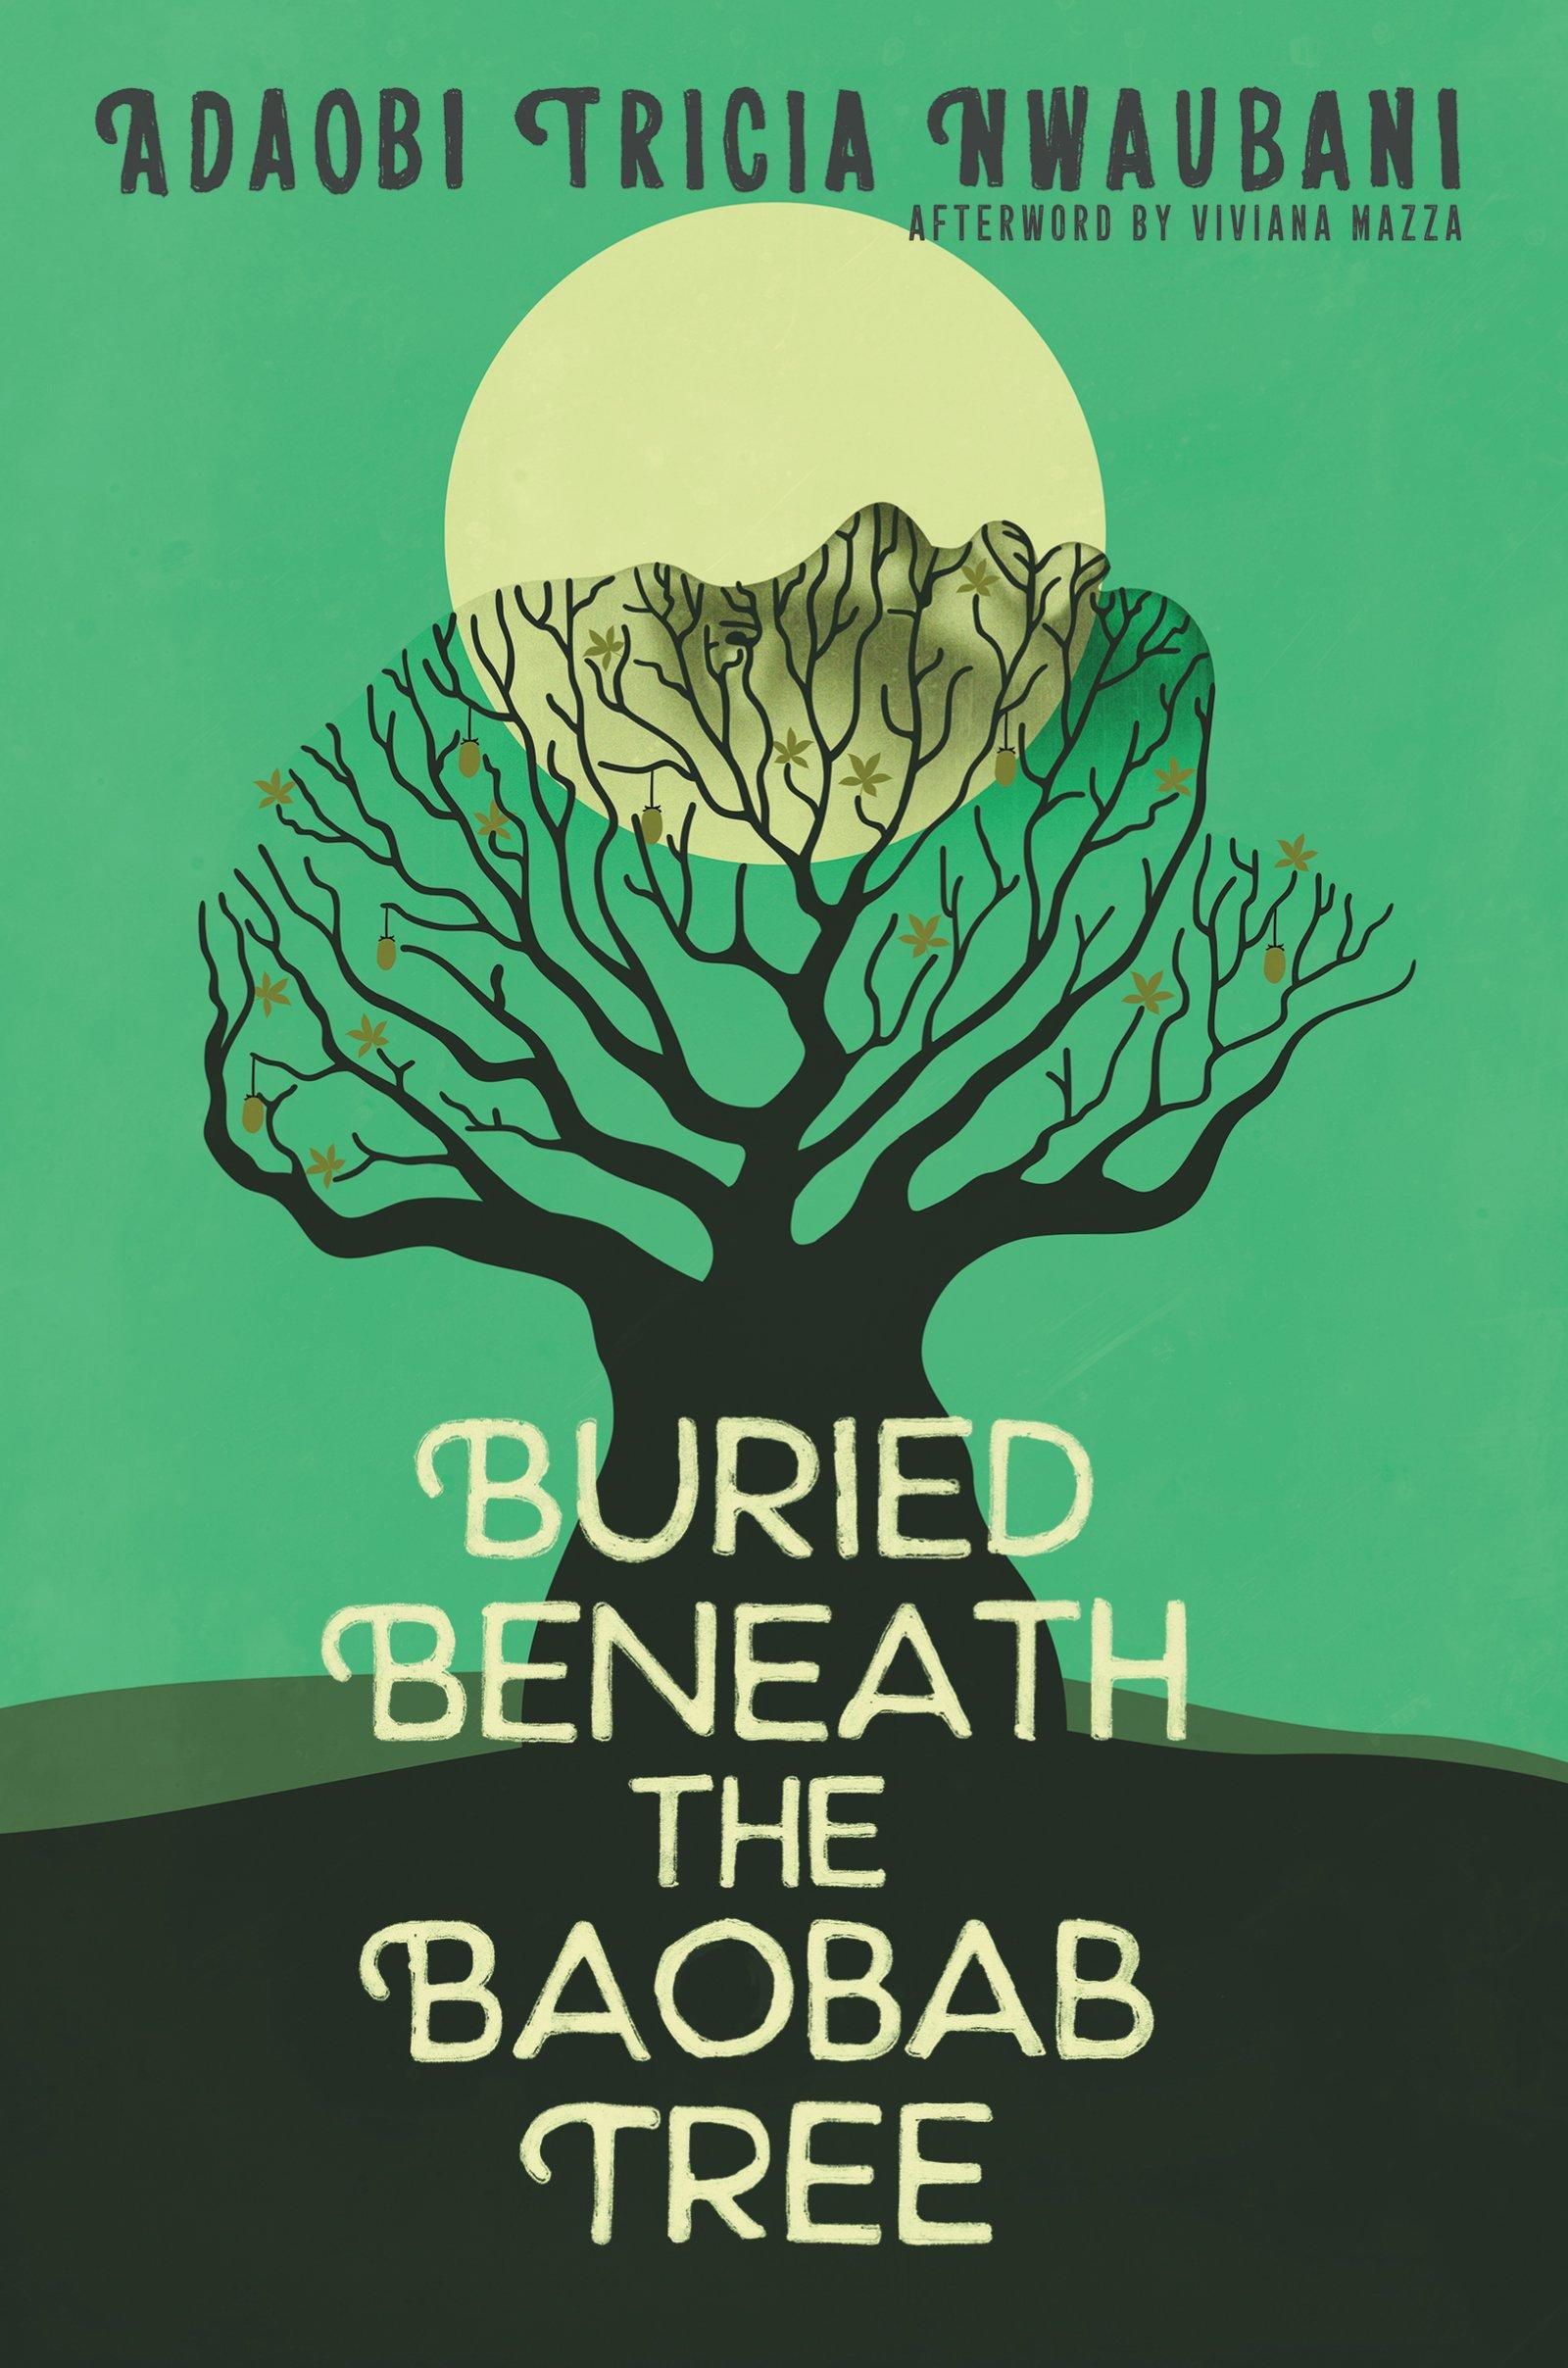 Buried beneath the Baobab Tree by Adaobi Tricia Nwaubani